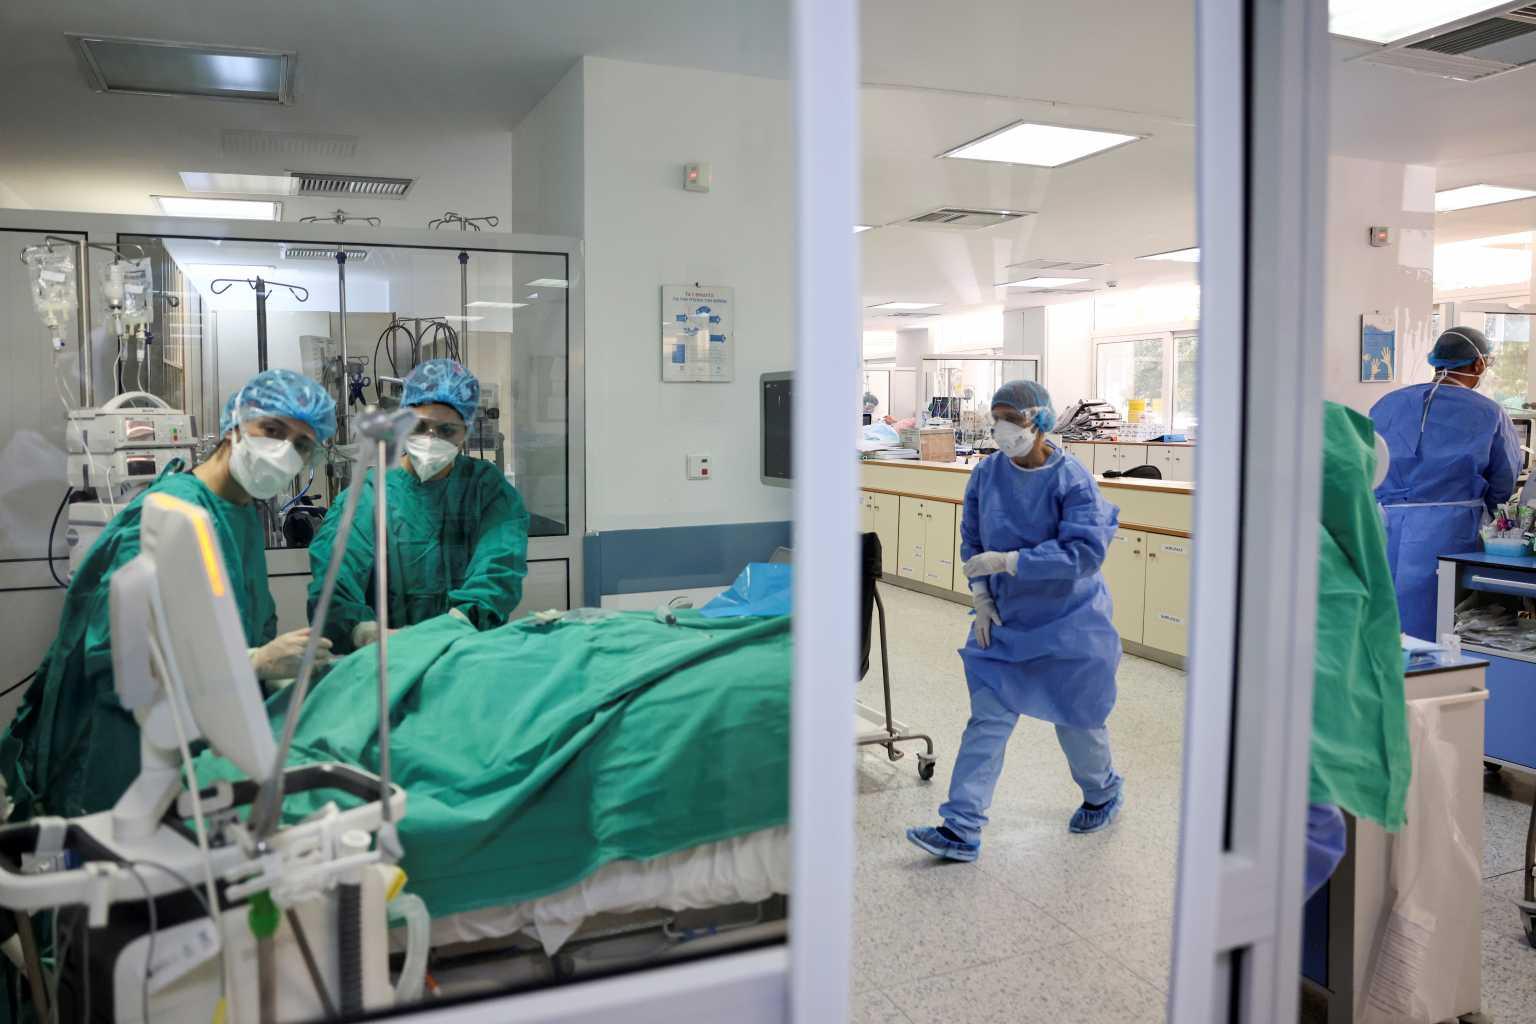 Κορονοϊός: Αυξάνονται επικίνδυνα οι ασθενείς που αρνούνται τη διασωλήνωση – Προπηλακισμοί κατά γιατρών